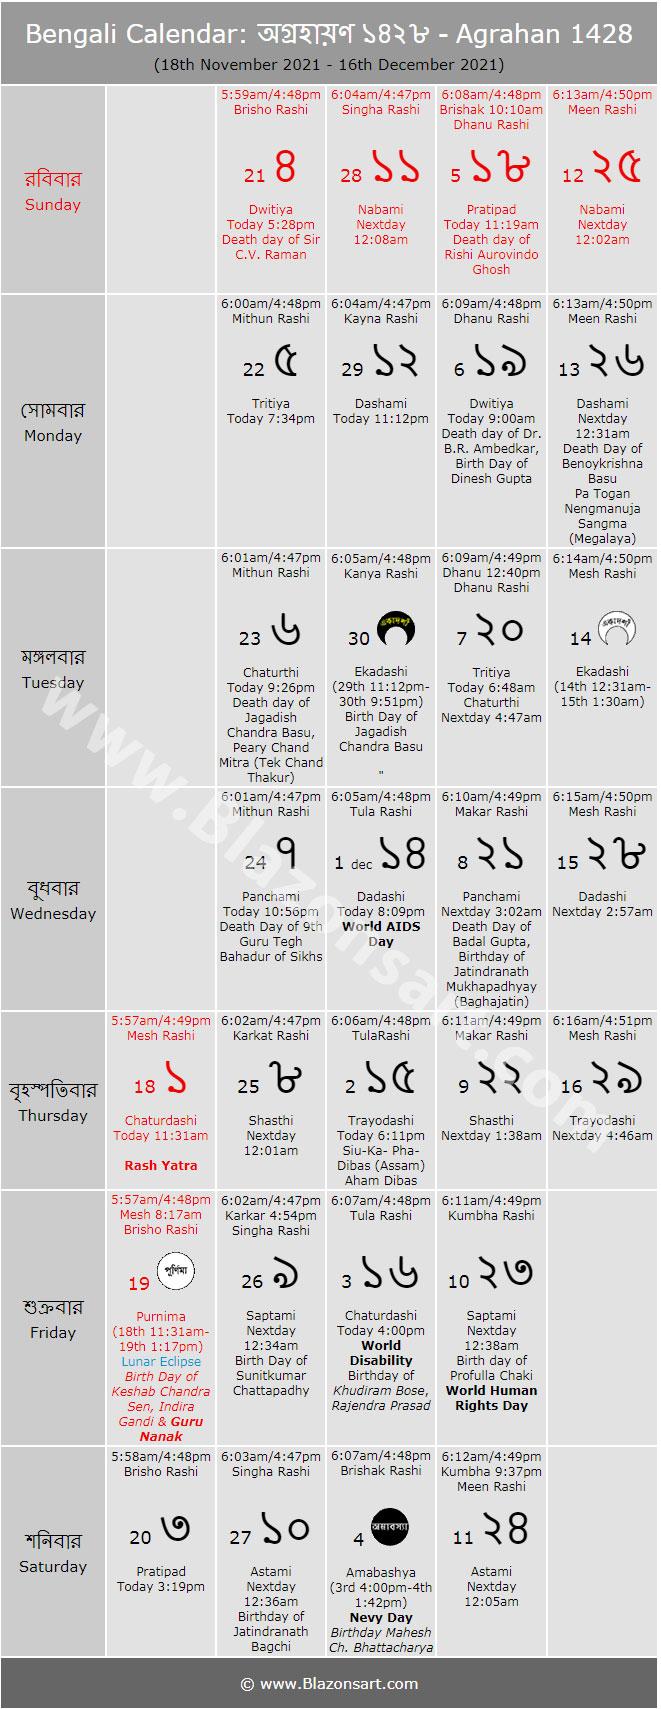 Bengali Calendar Agrahan 1426 বাংলা কালেন্ডার